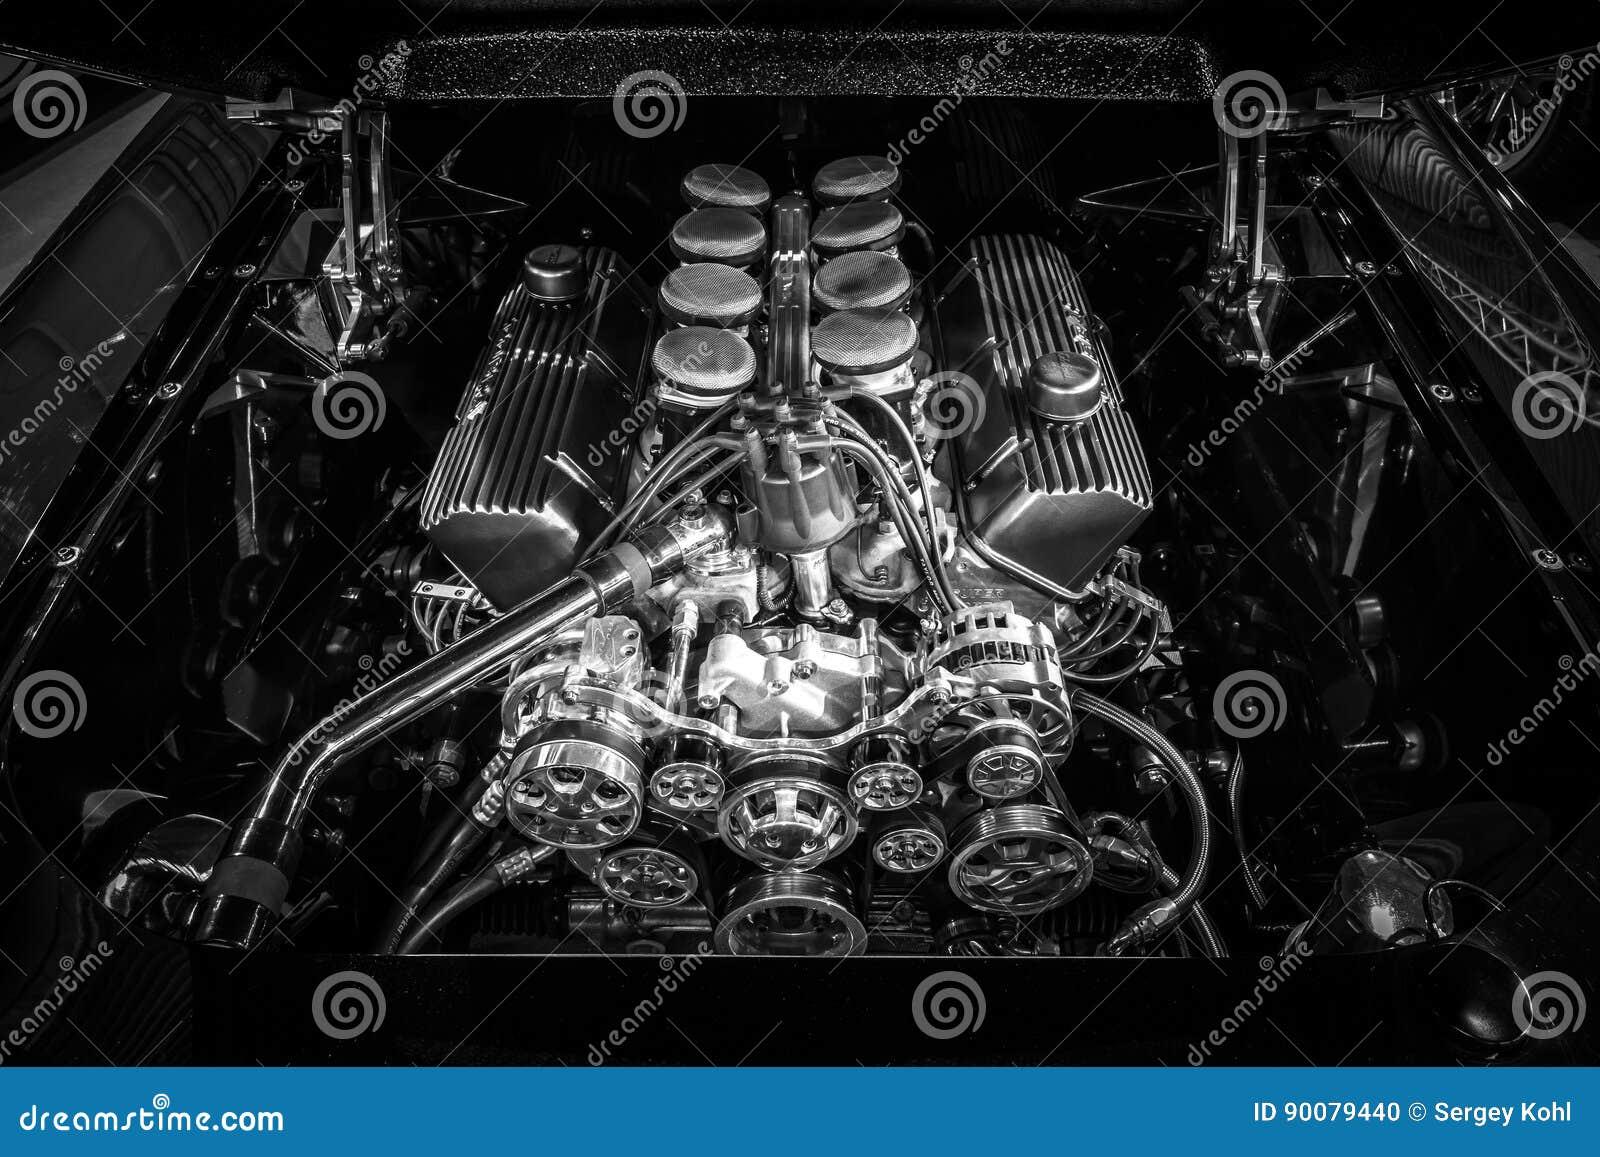 Der brennstoff spritzte großen block 460 die ford maschine 550 hp 7